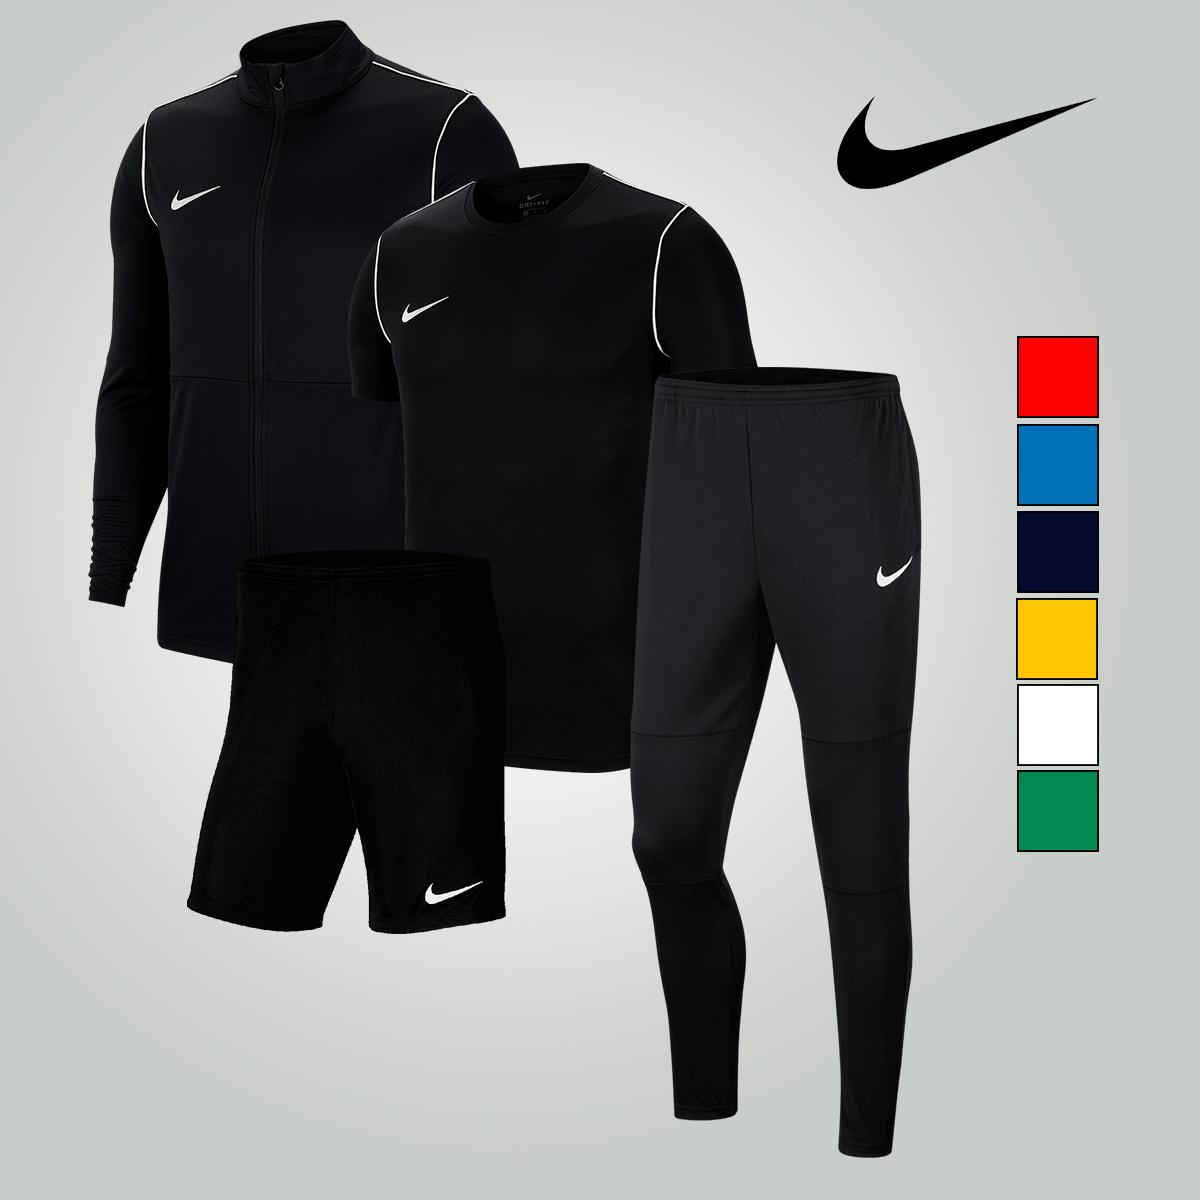 Ensemble sportif Nike Park 20 (4 pièces) pour Homme - 7 coloris - Tailles du S au 2XL